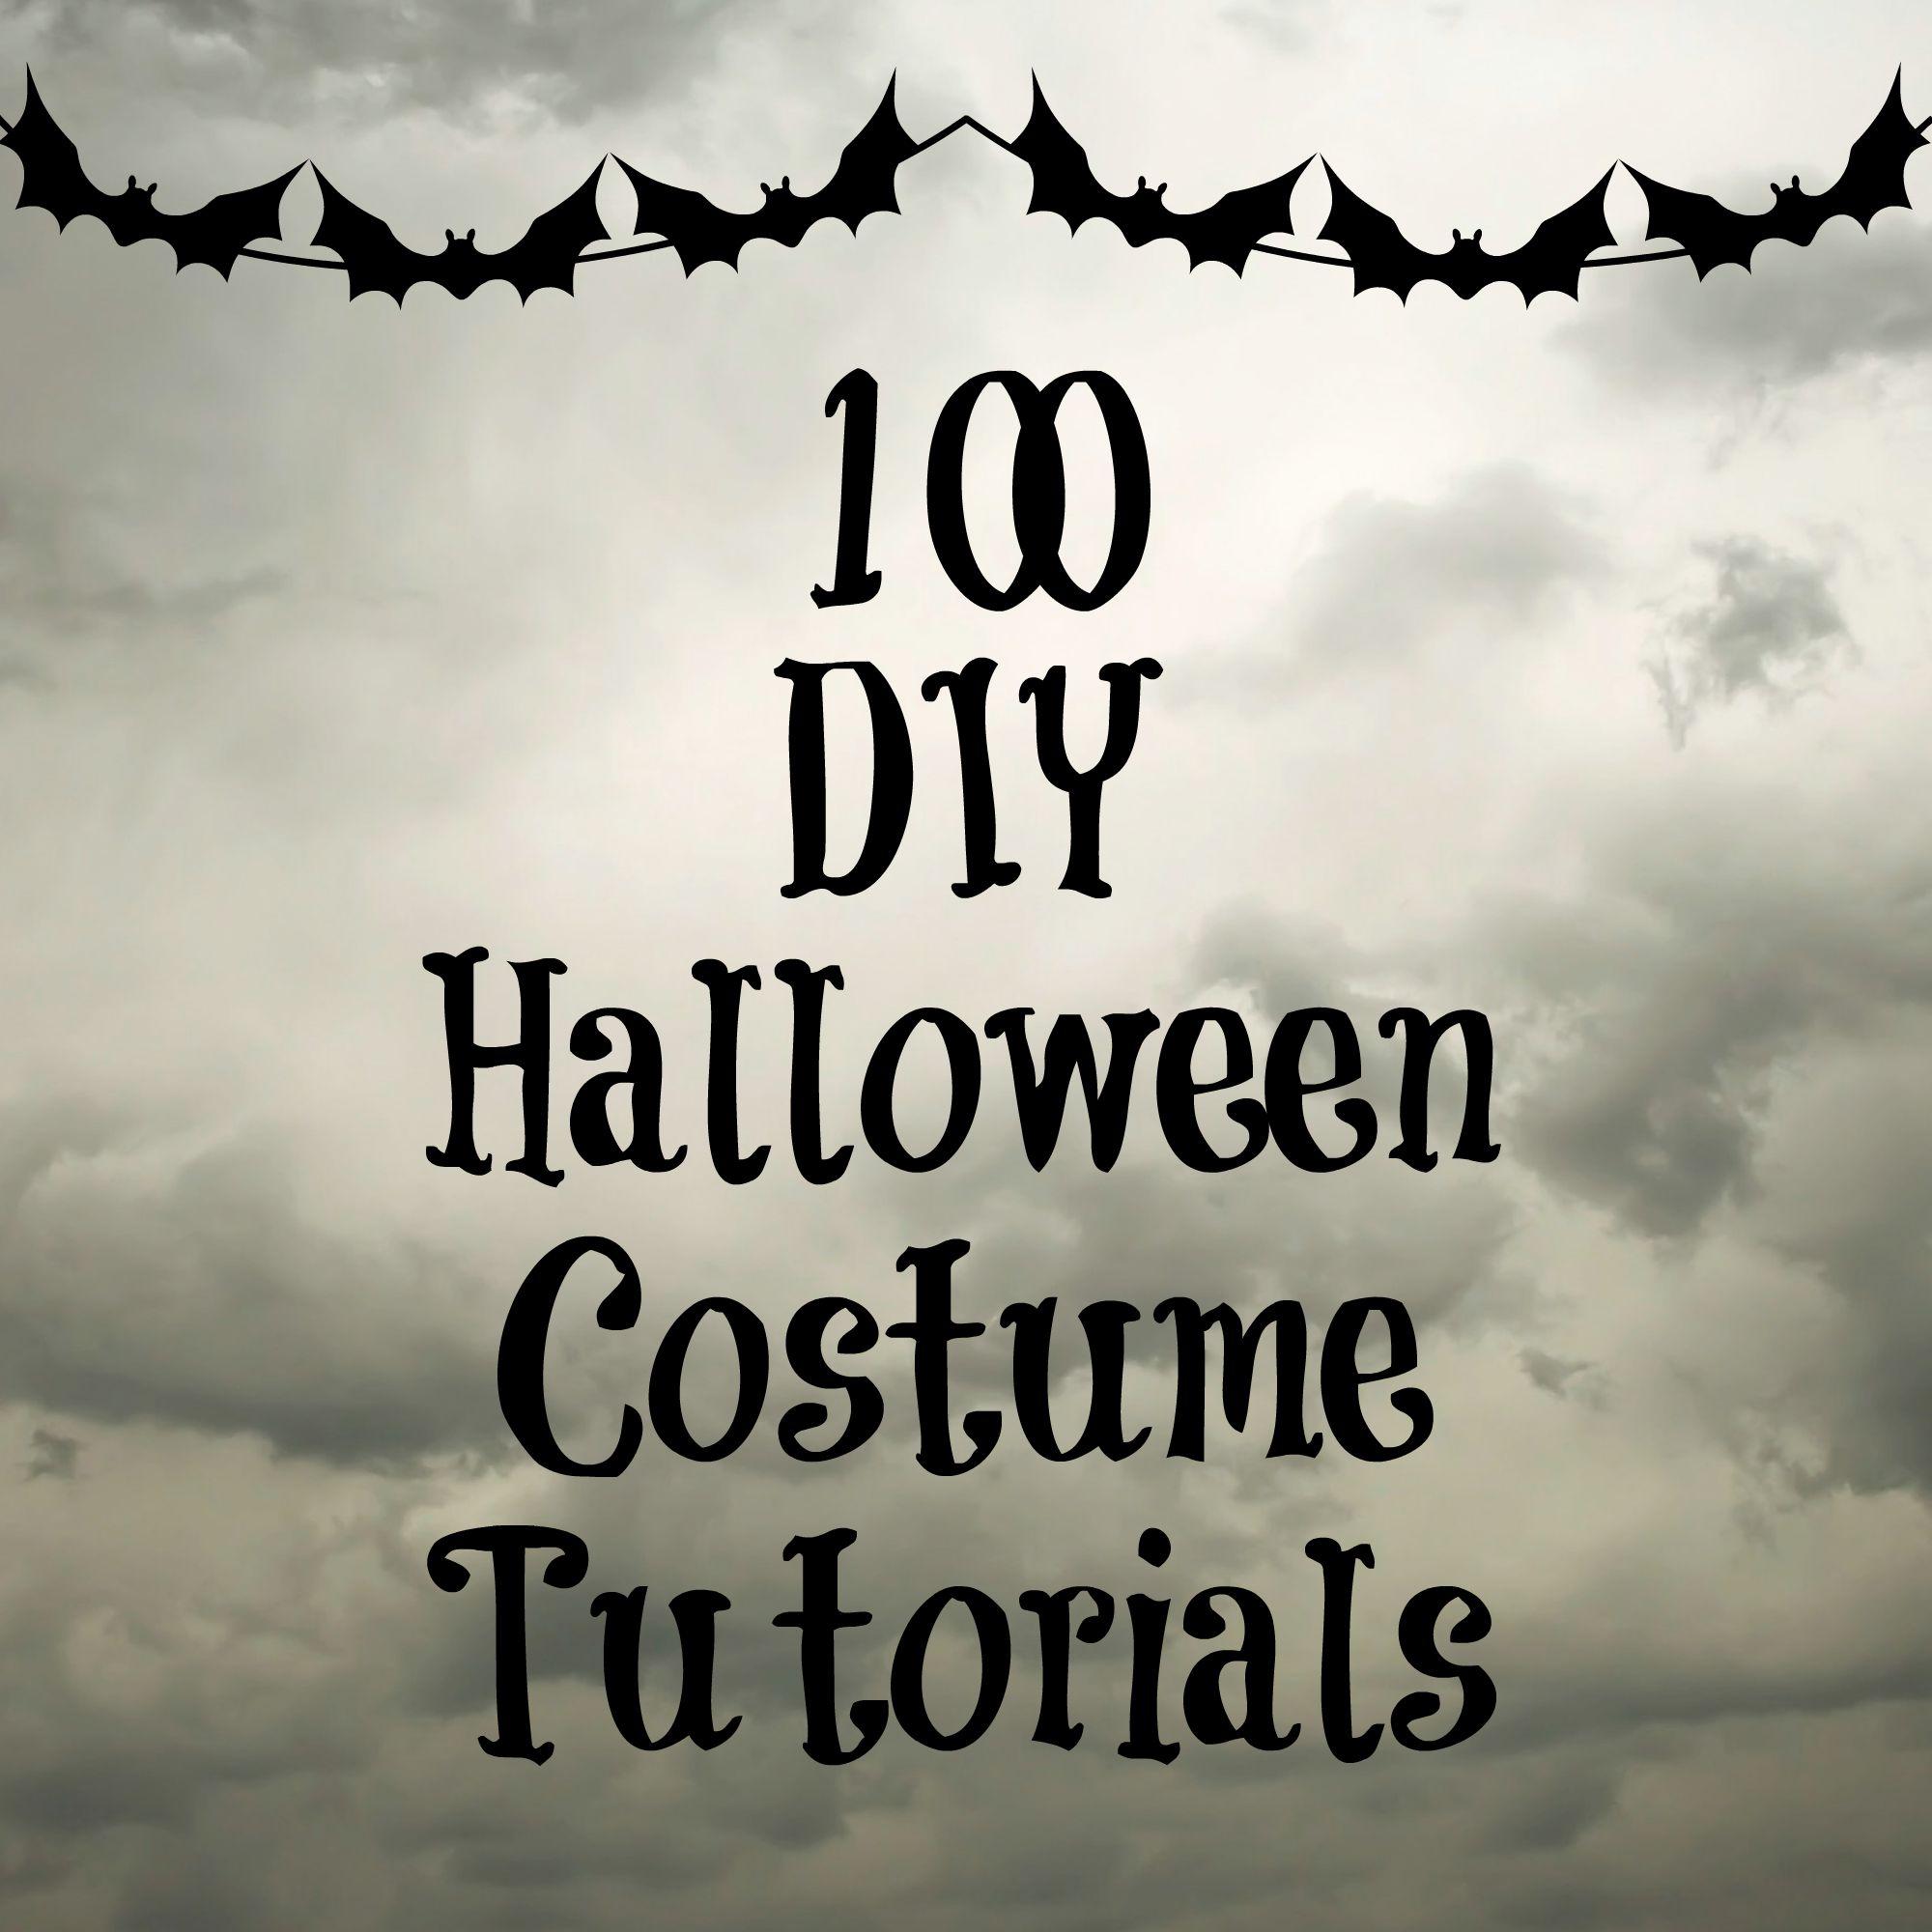 100 DIY Costume Tutorials